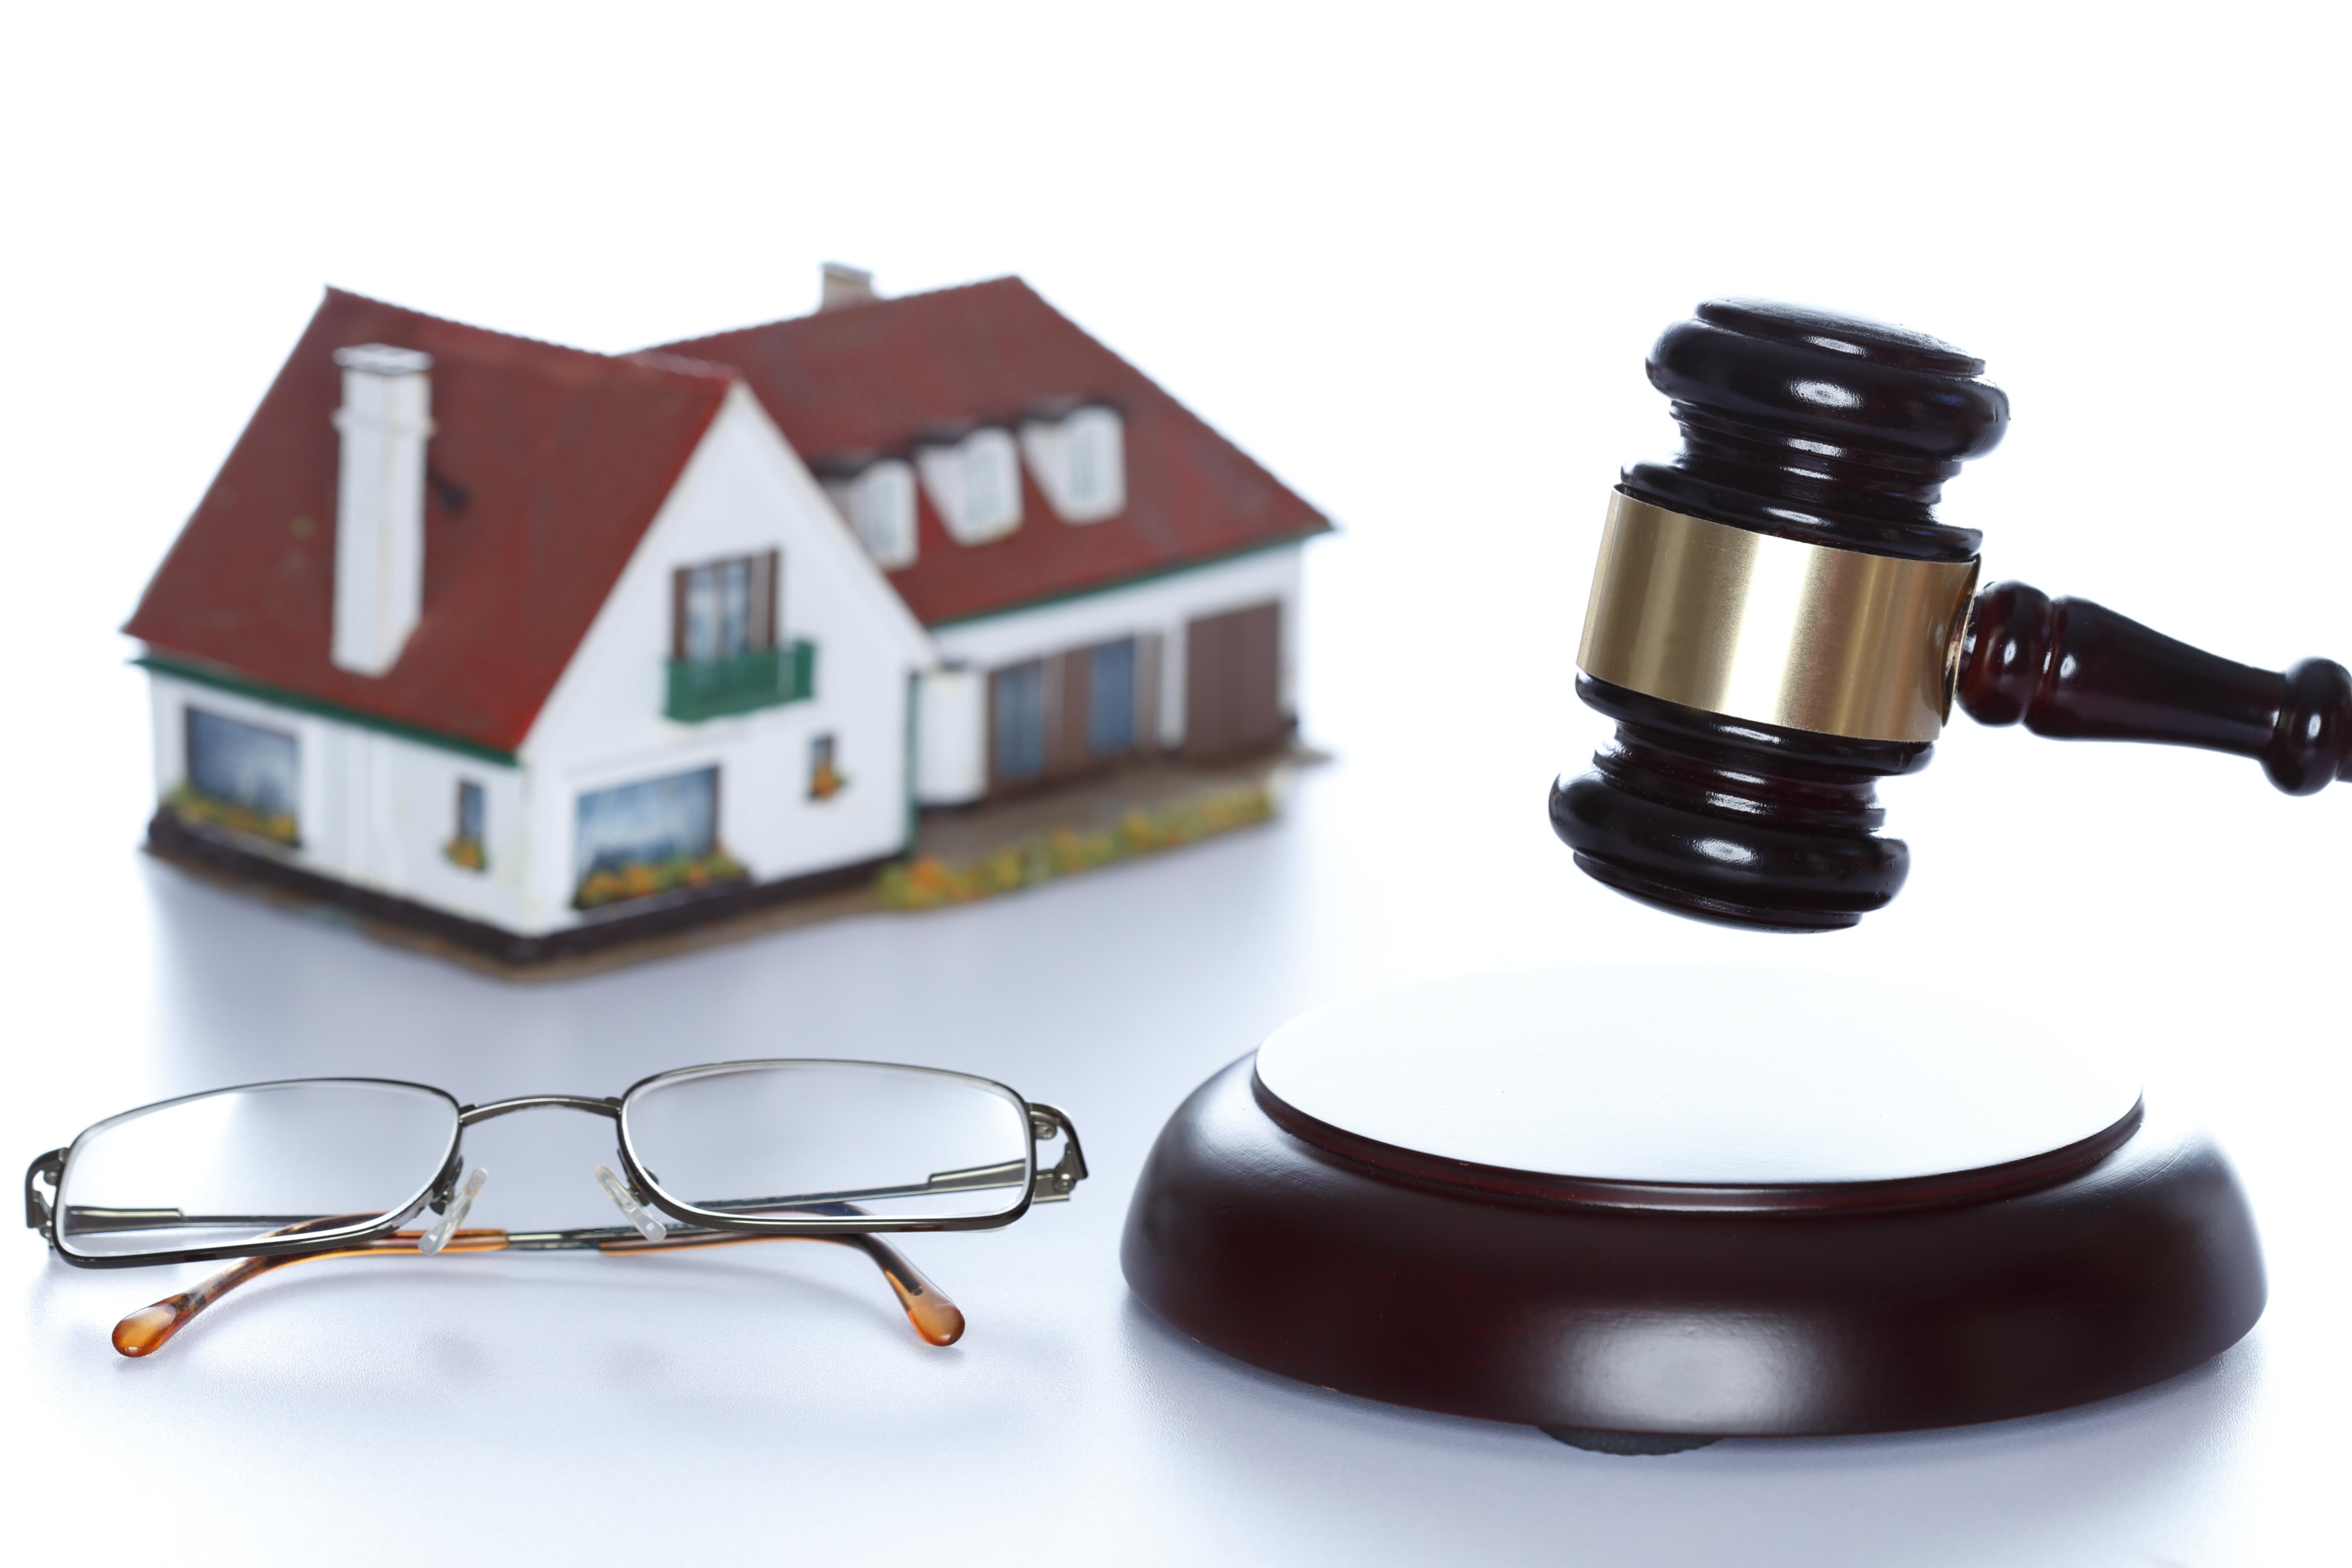 Cosa dice l'ordinanza 22339/19 della Corte di cassazione